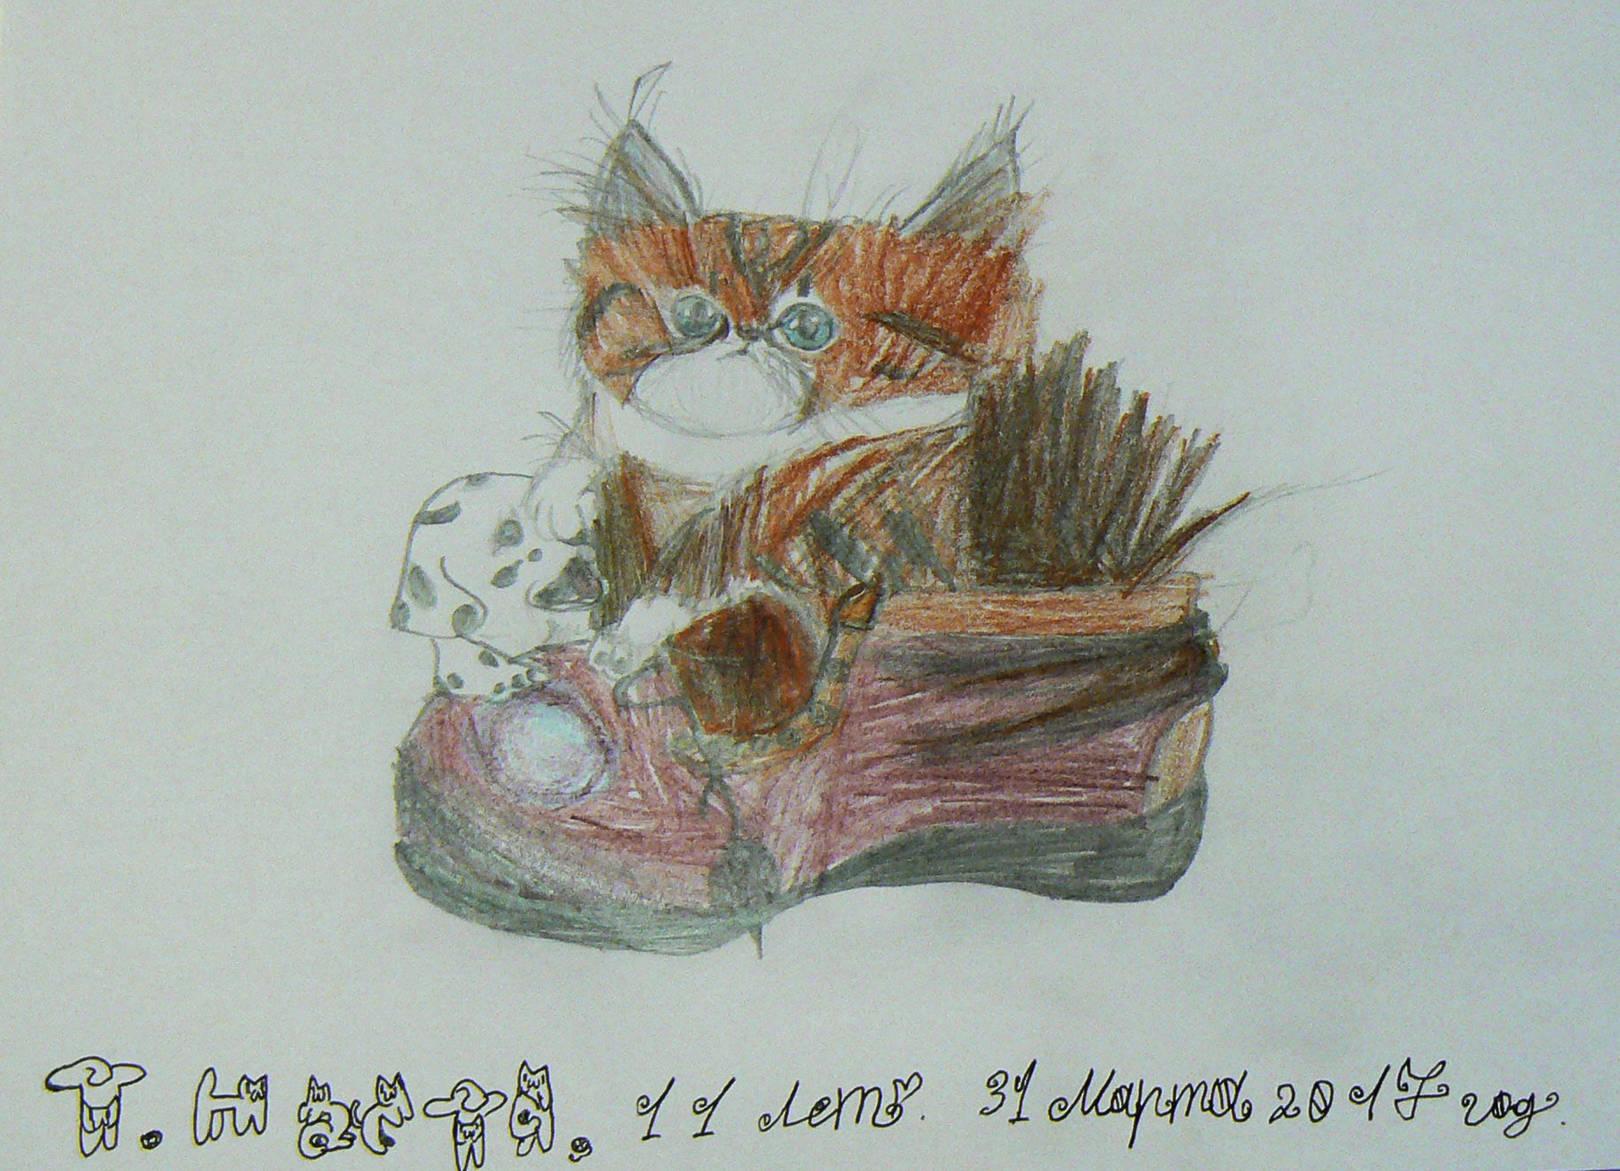 Котёнок в ботинке и с игрушечным щенком.